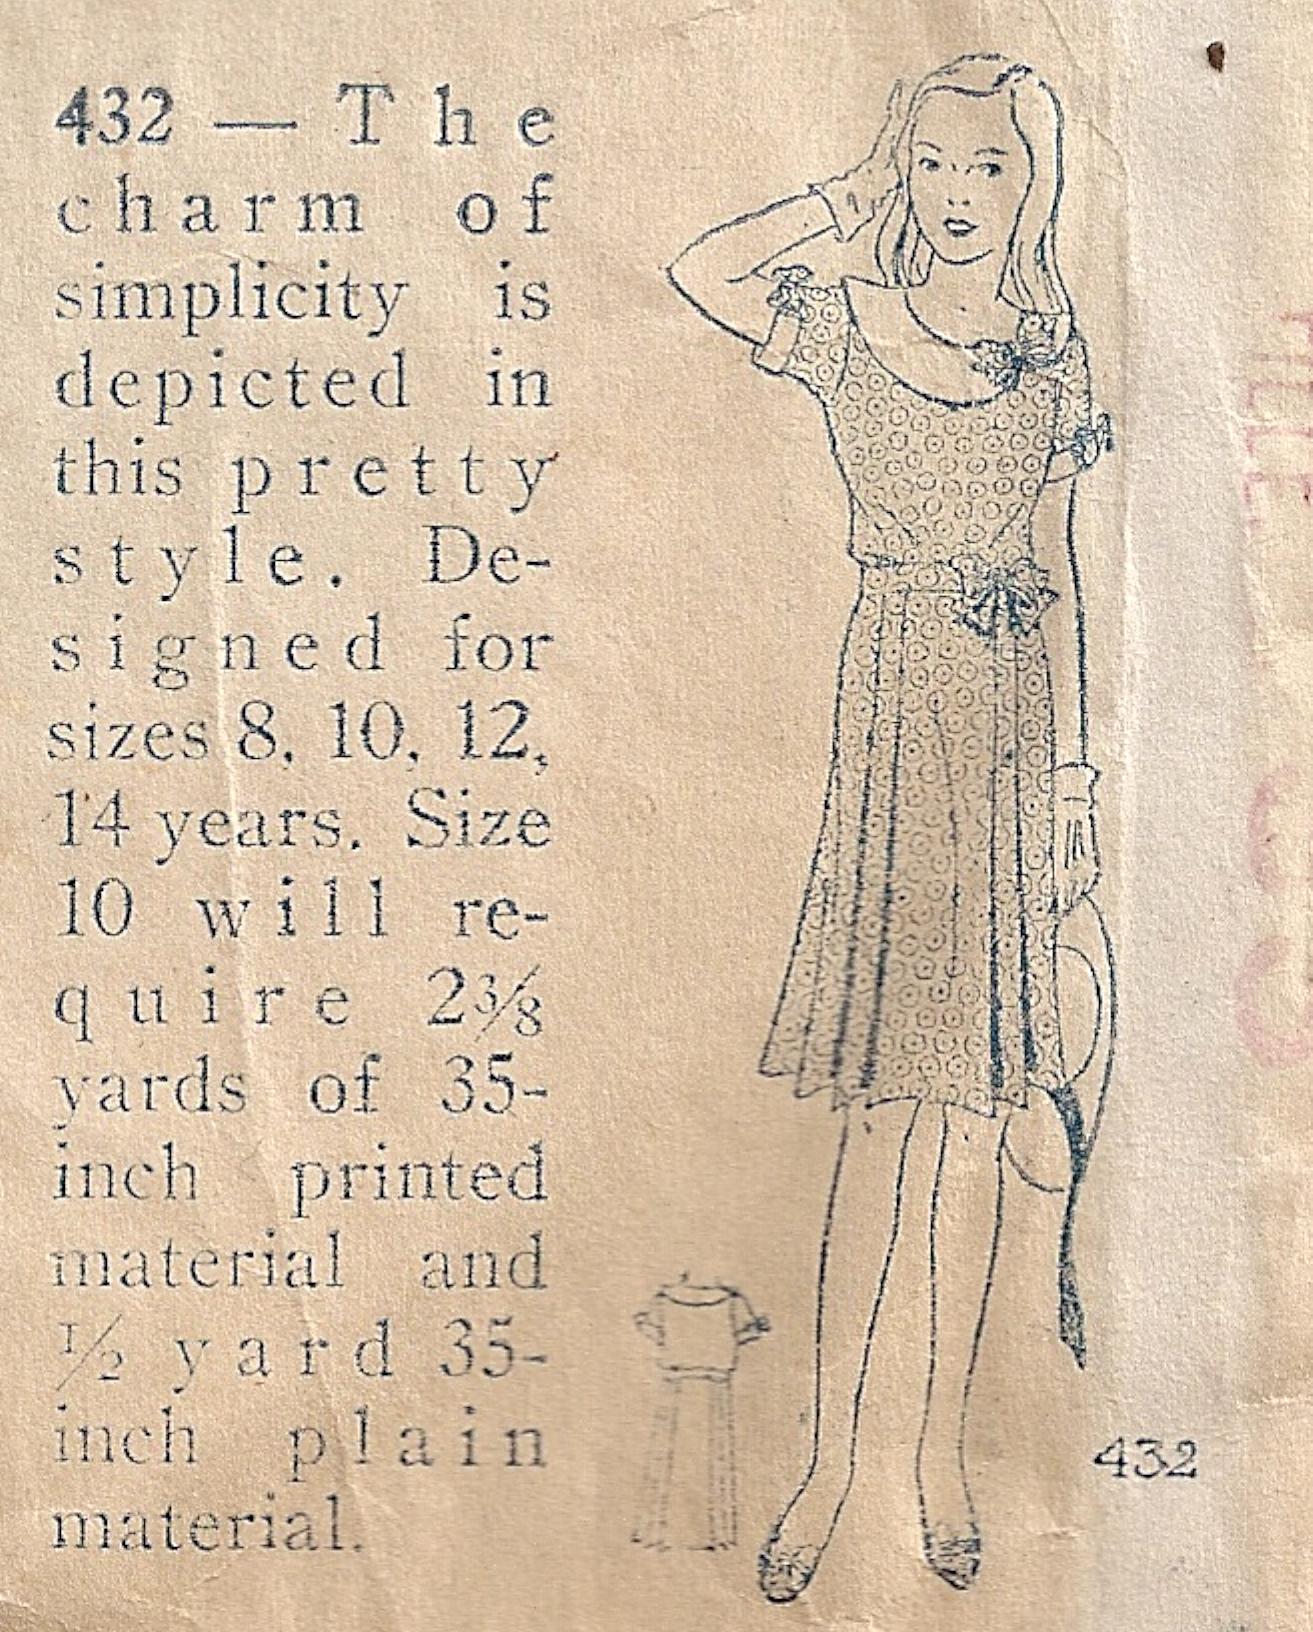 NY Fashion Bureau 432